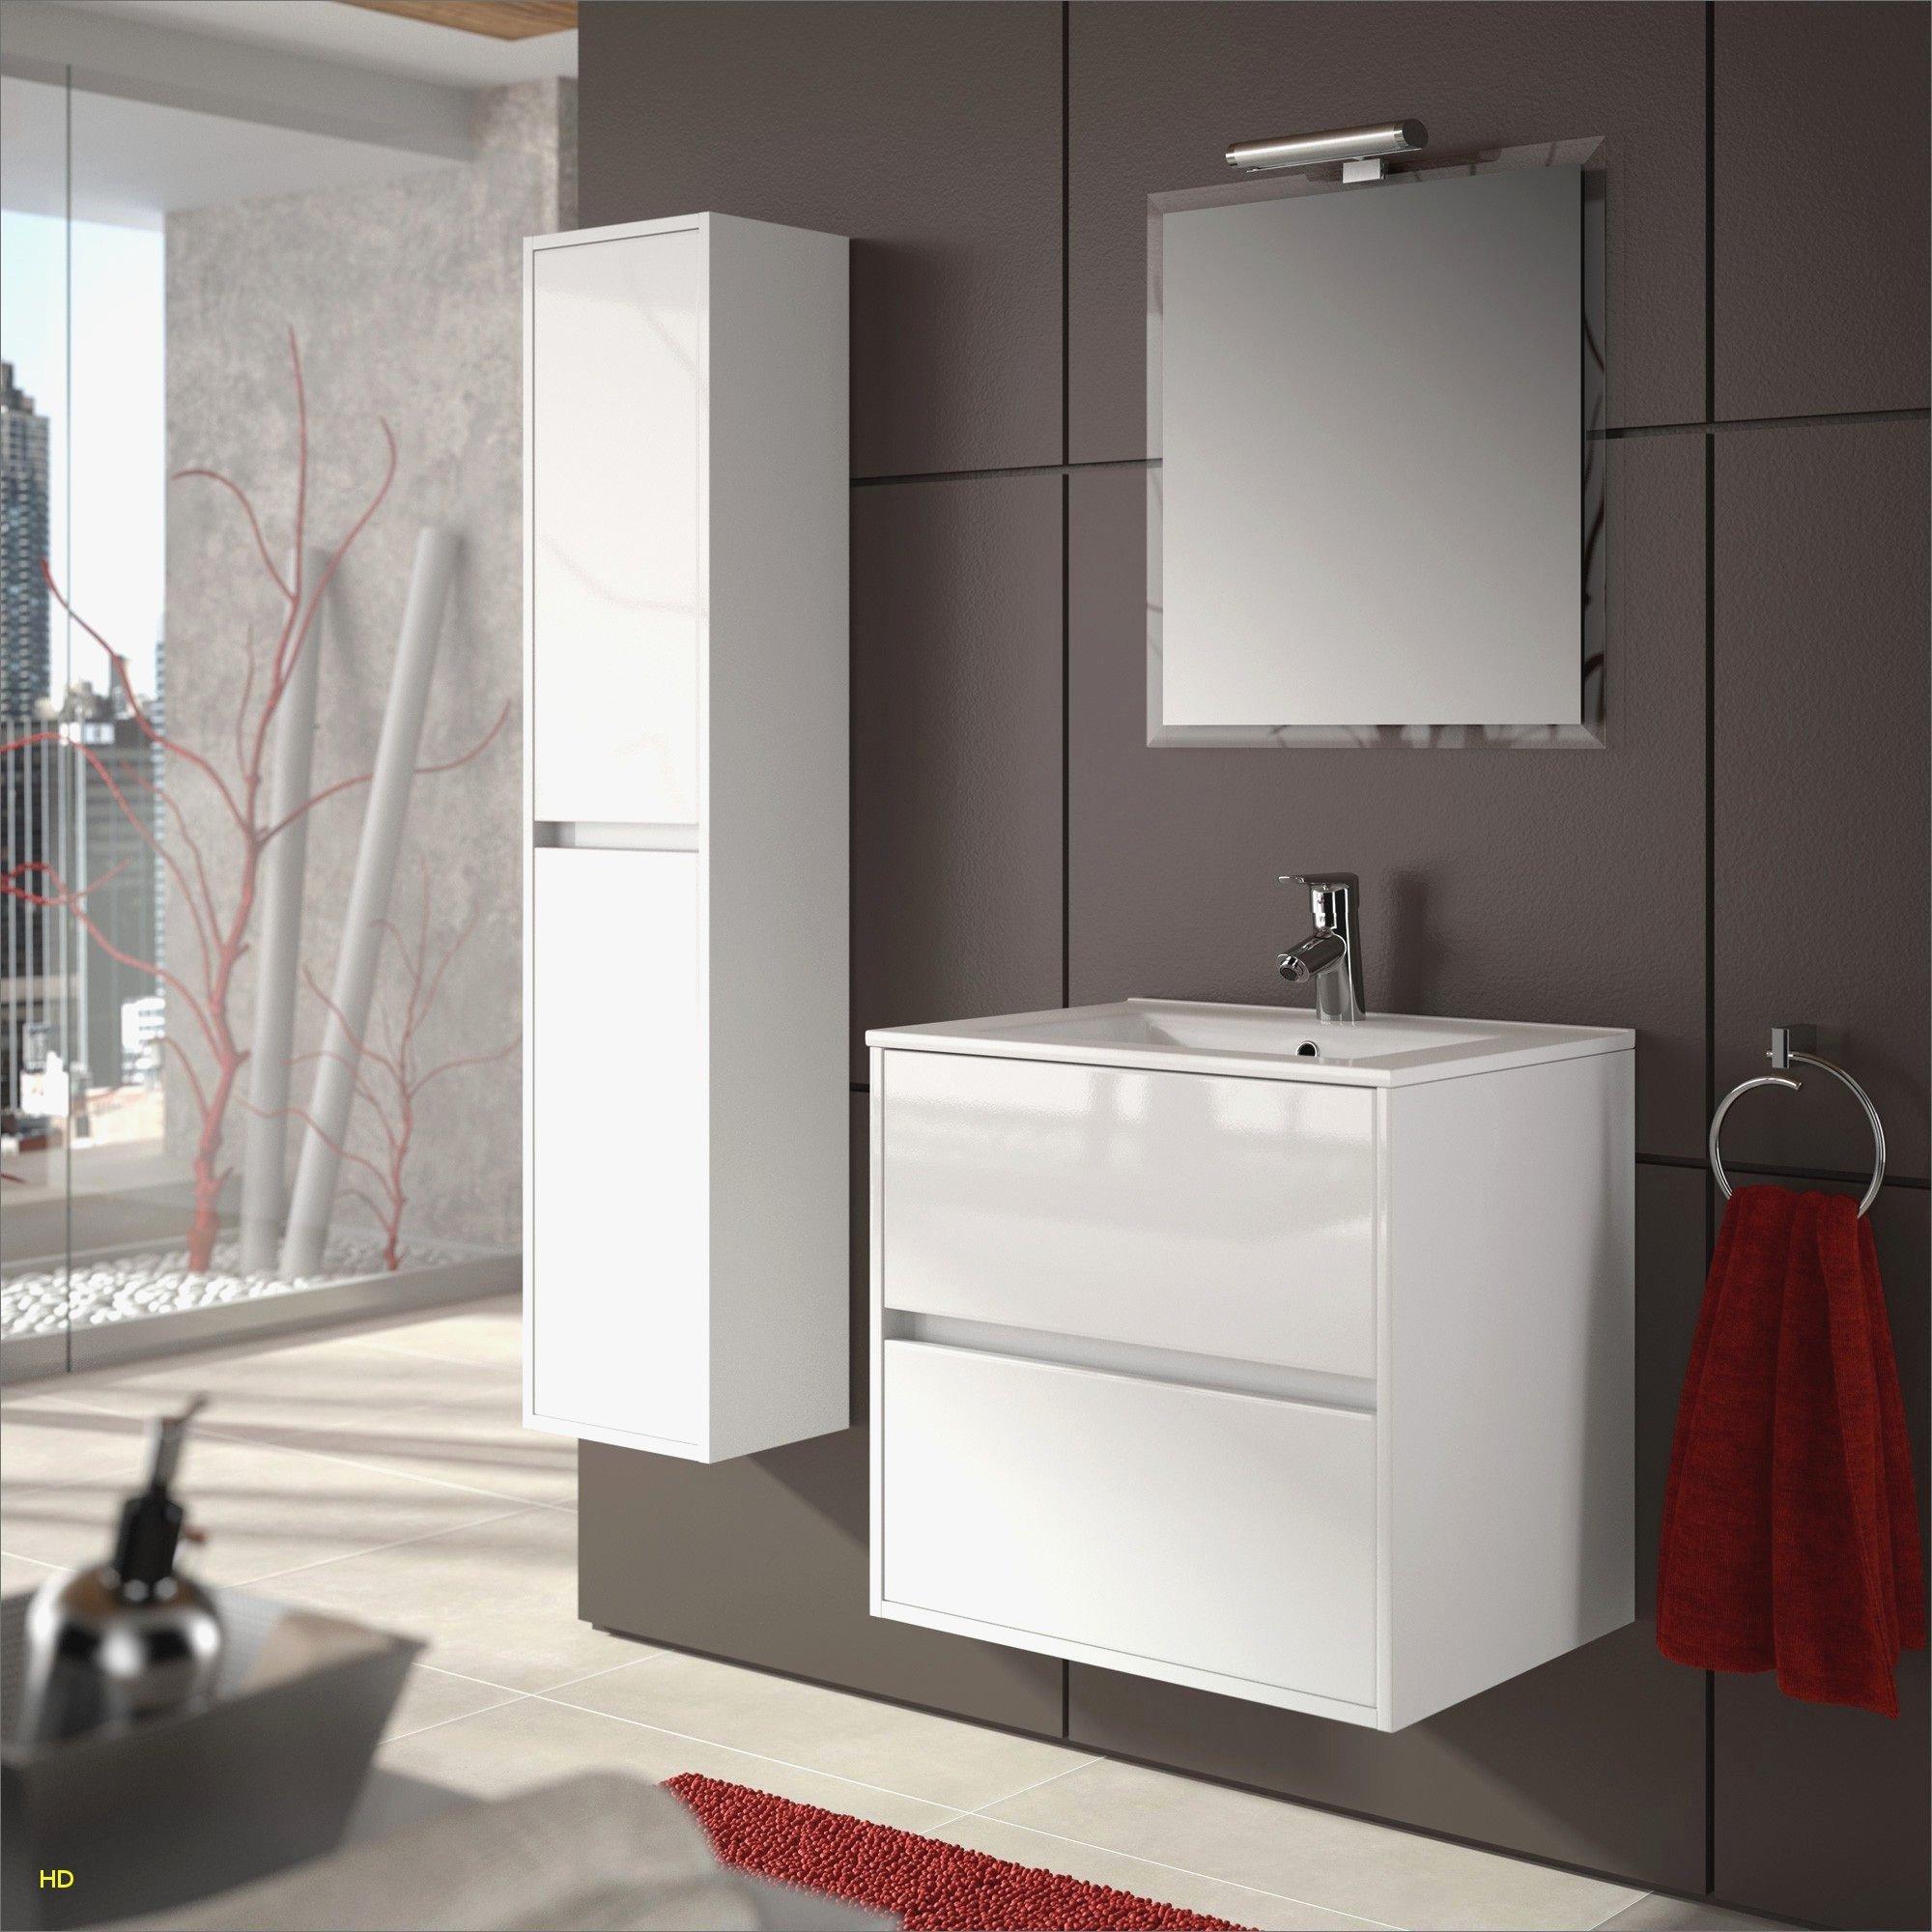 Ikea Salles De Bains Luxe Photos Artistique Collection De Colonne Angle Ikea Everymomhasherday